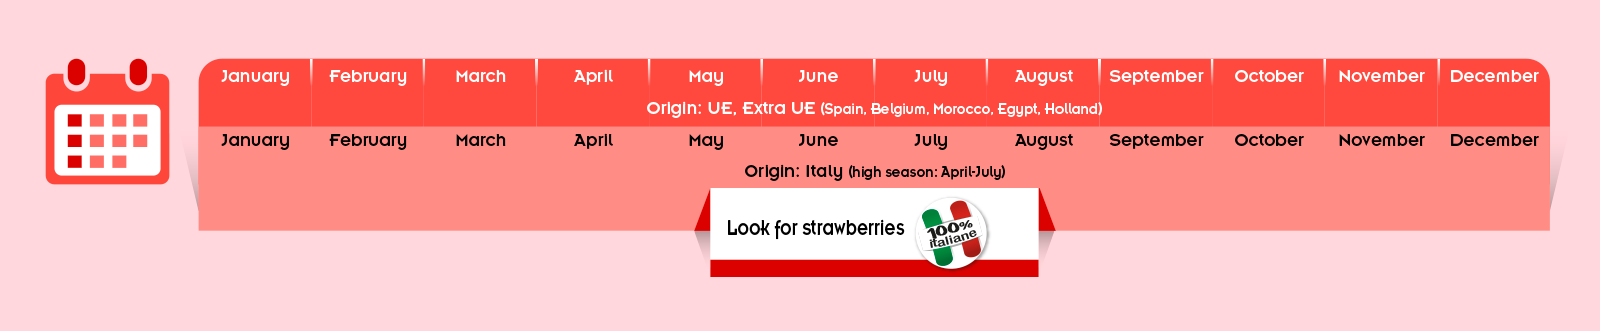 calendario fragole Spreafico